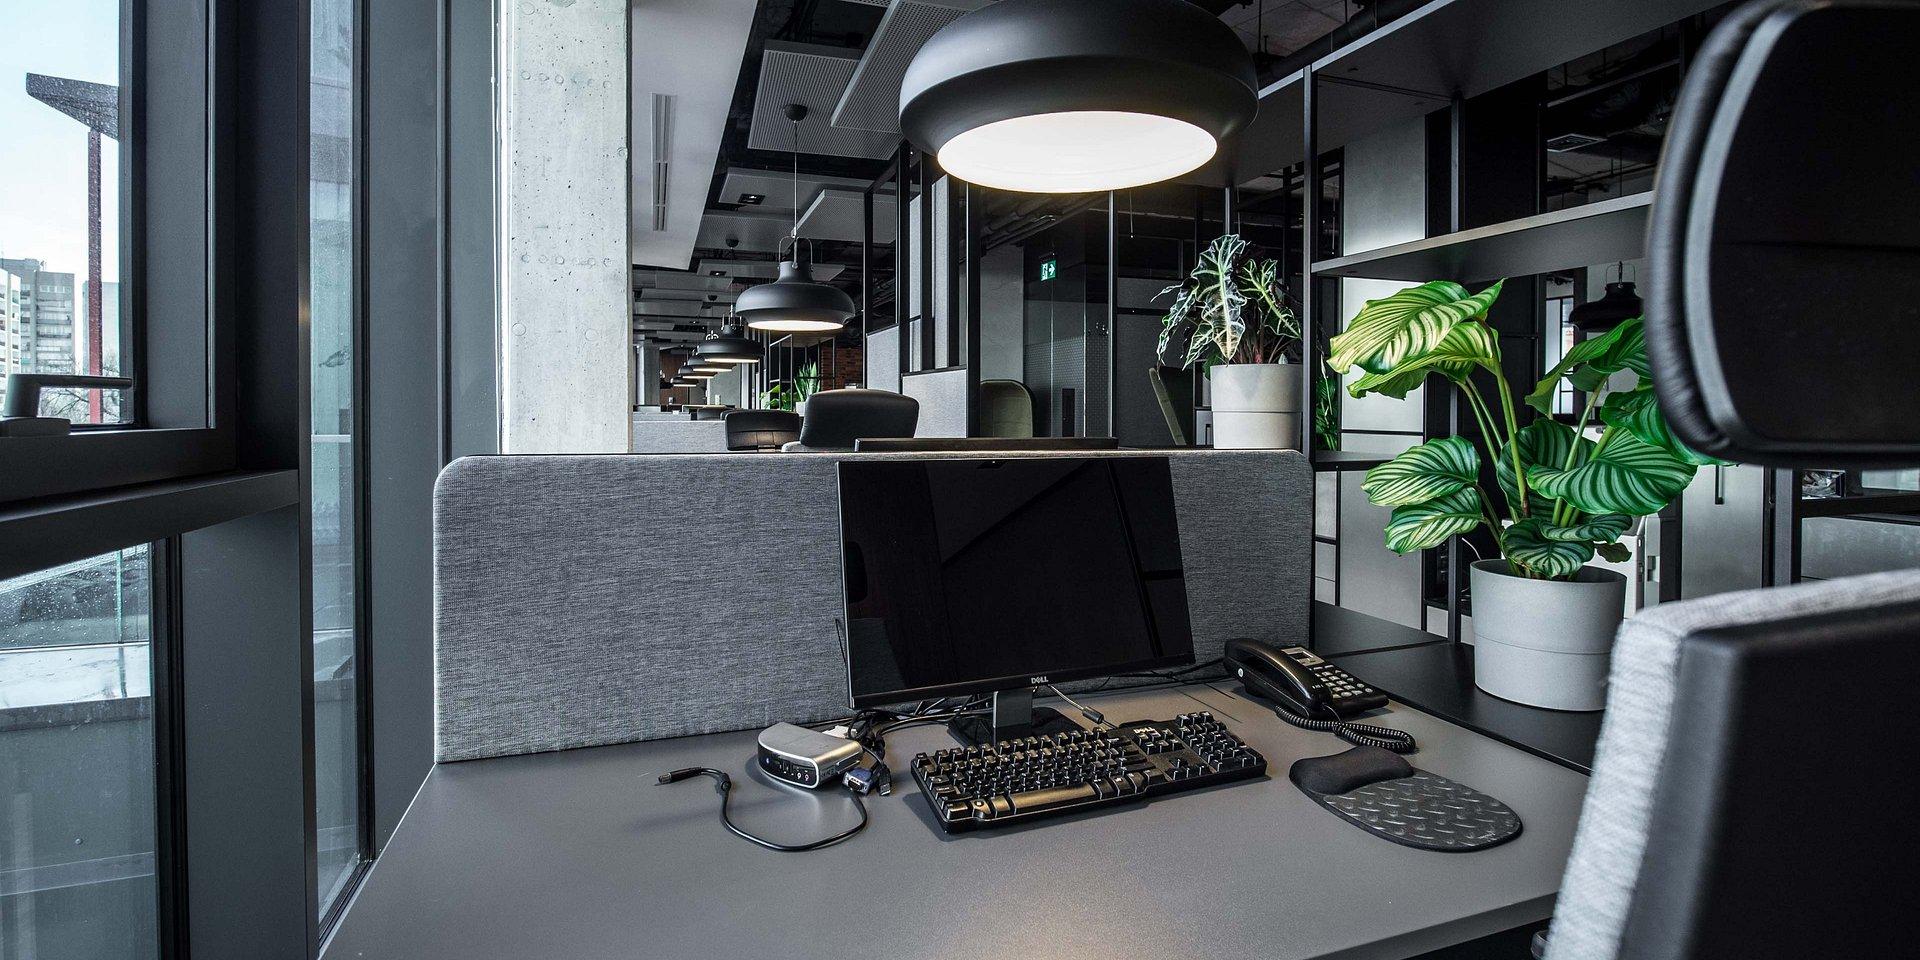 Planujesz zmianę lub rearanżację biura? Możesz natknąć się na te pojęcia